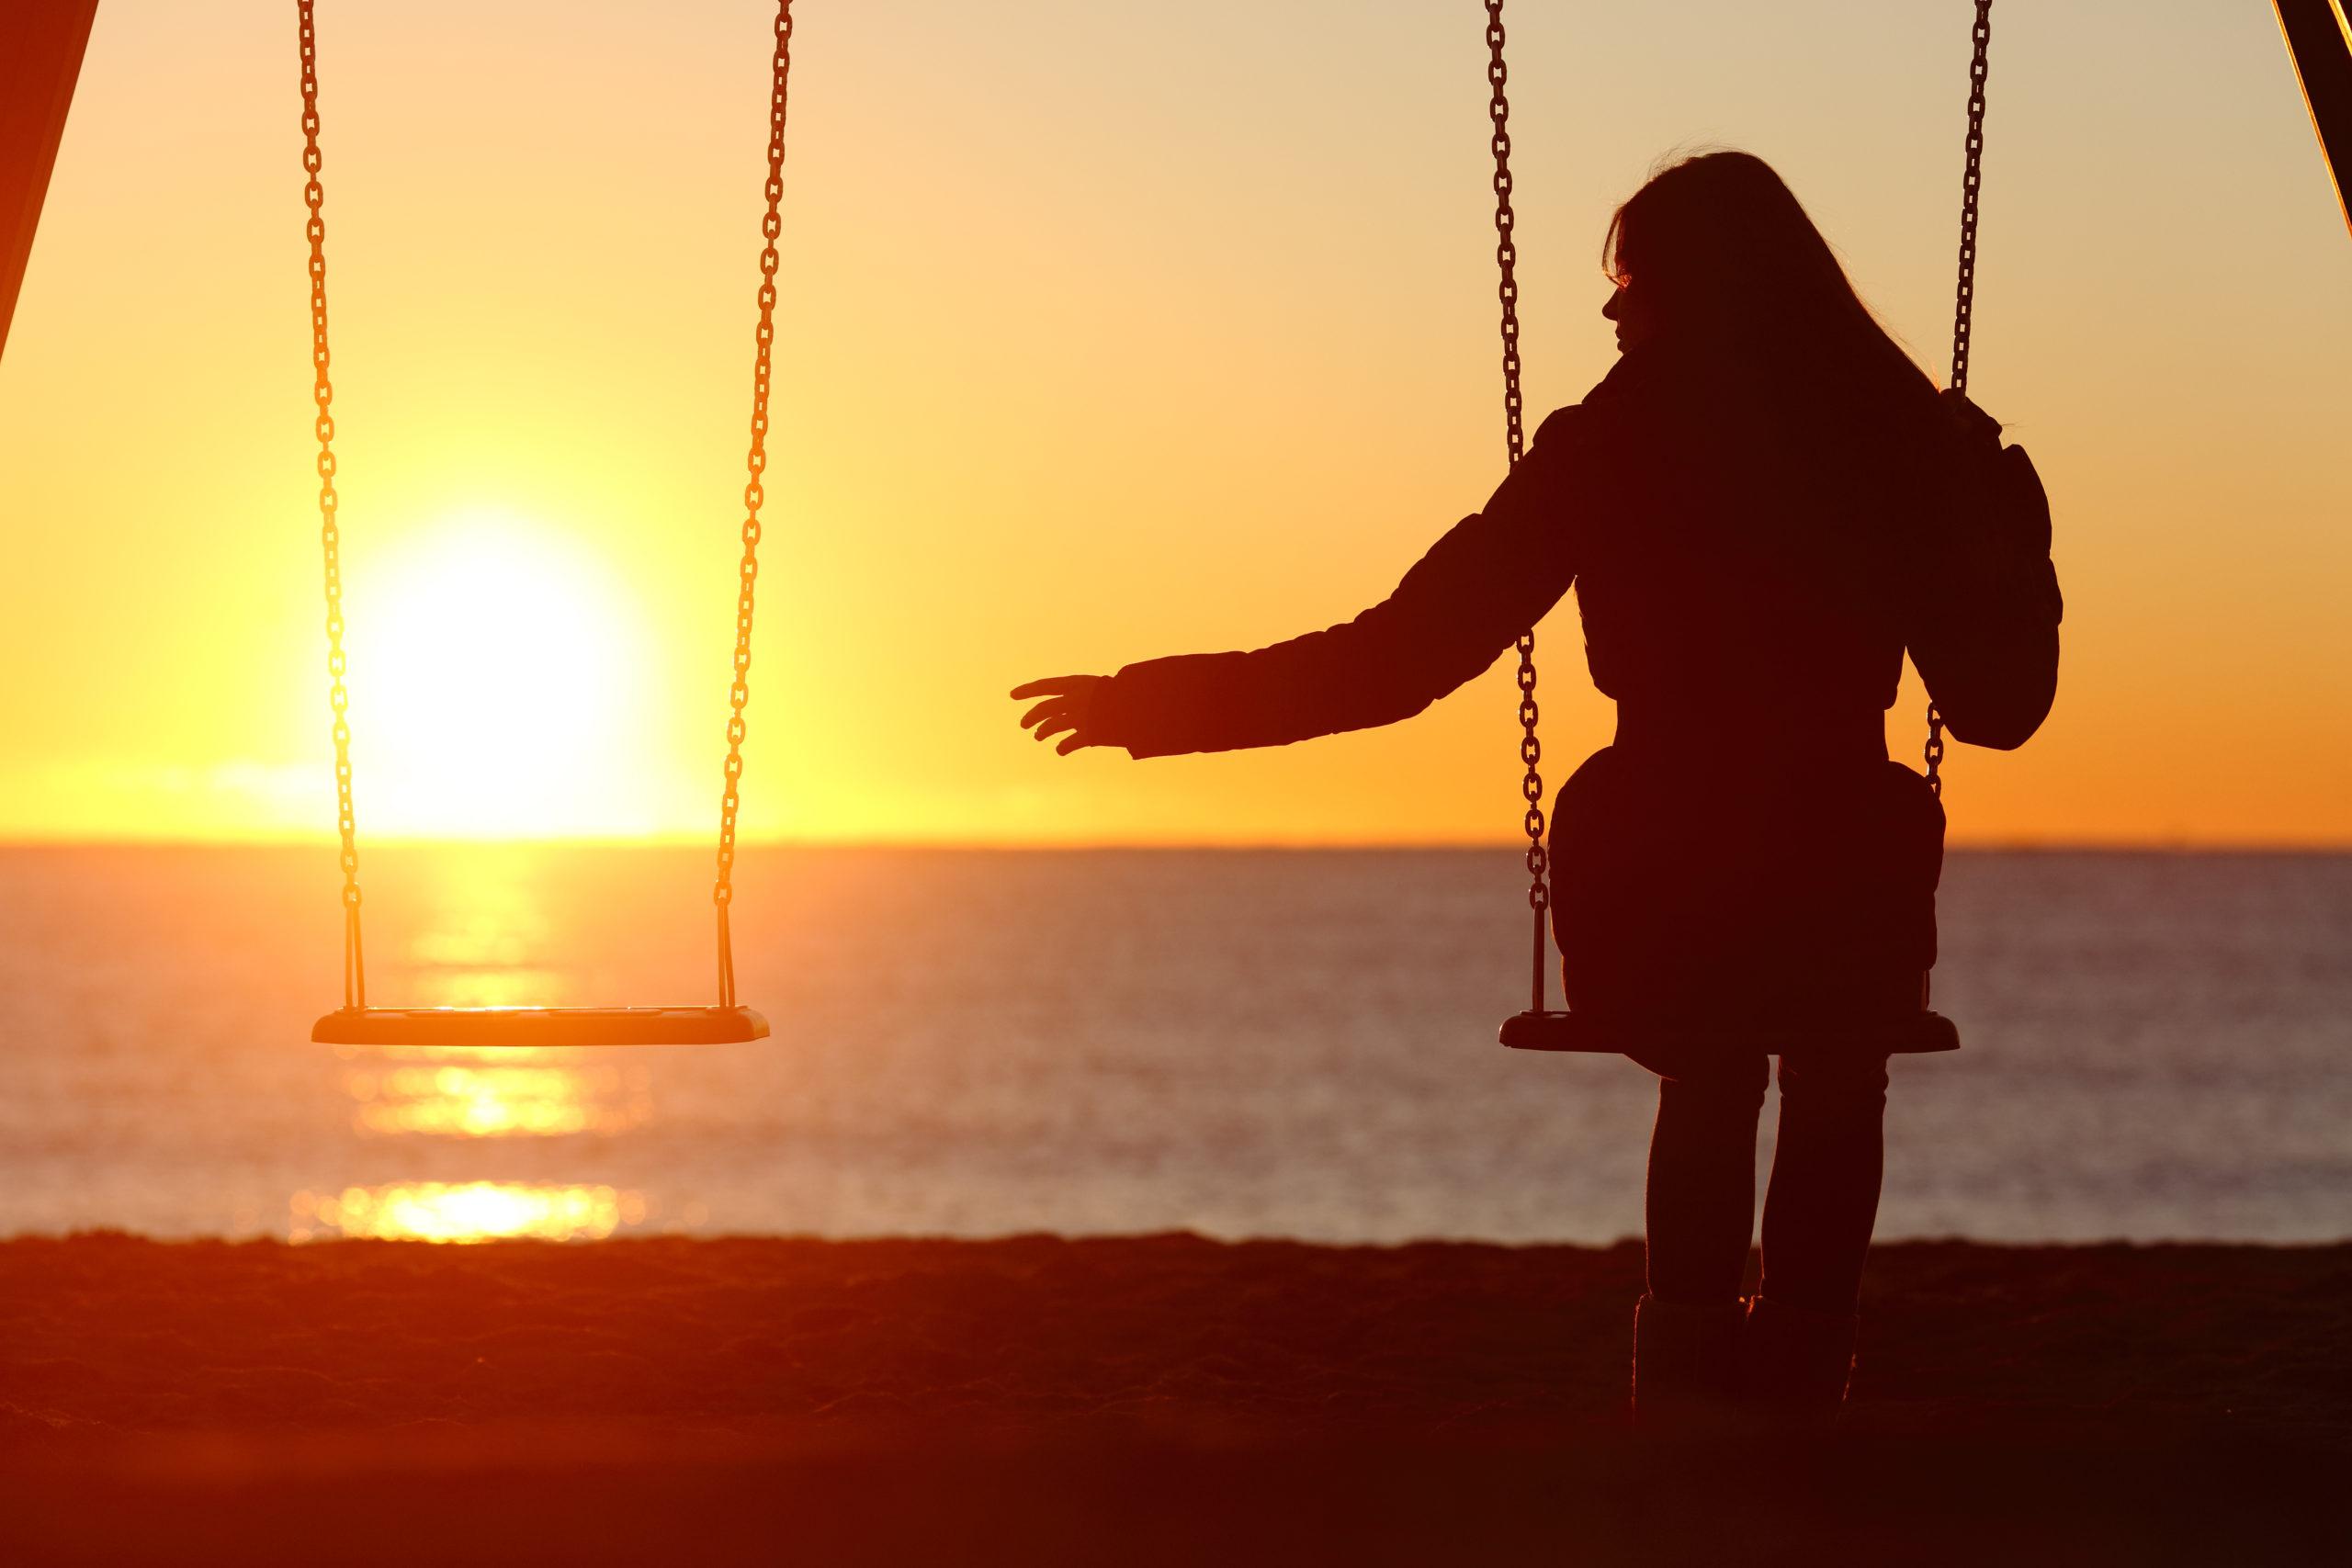 single-divorced-woman-alone-missing-boyfriend-249465919